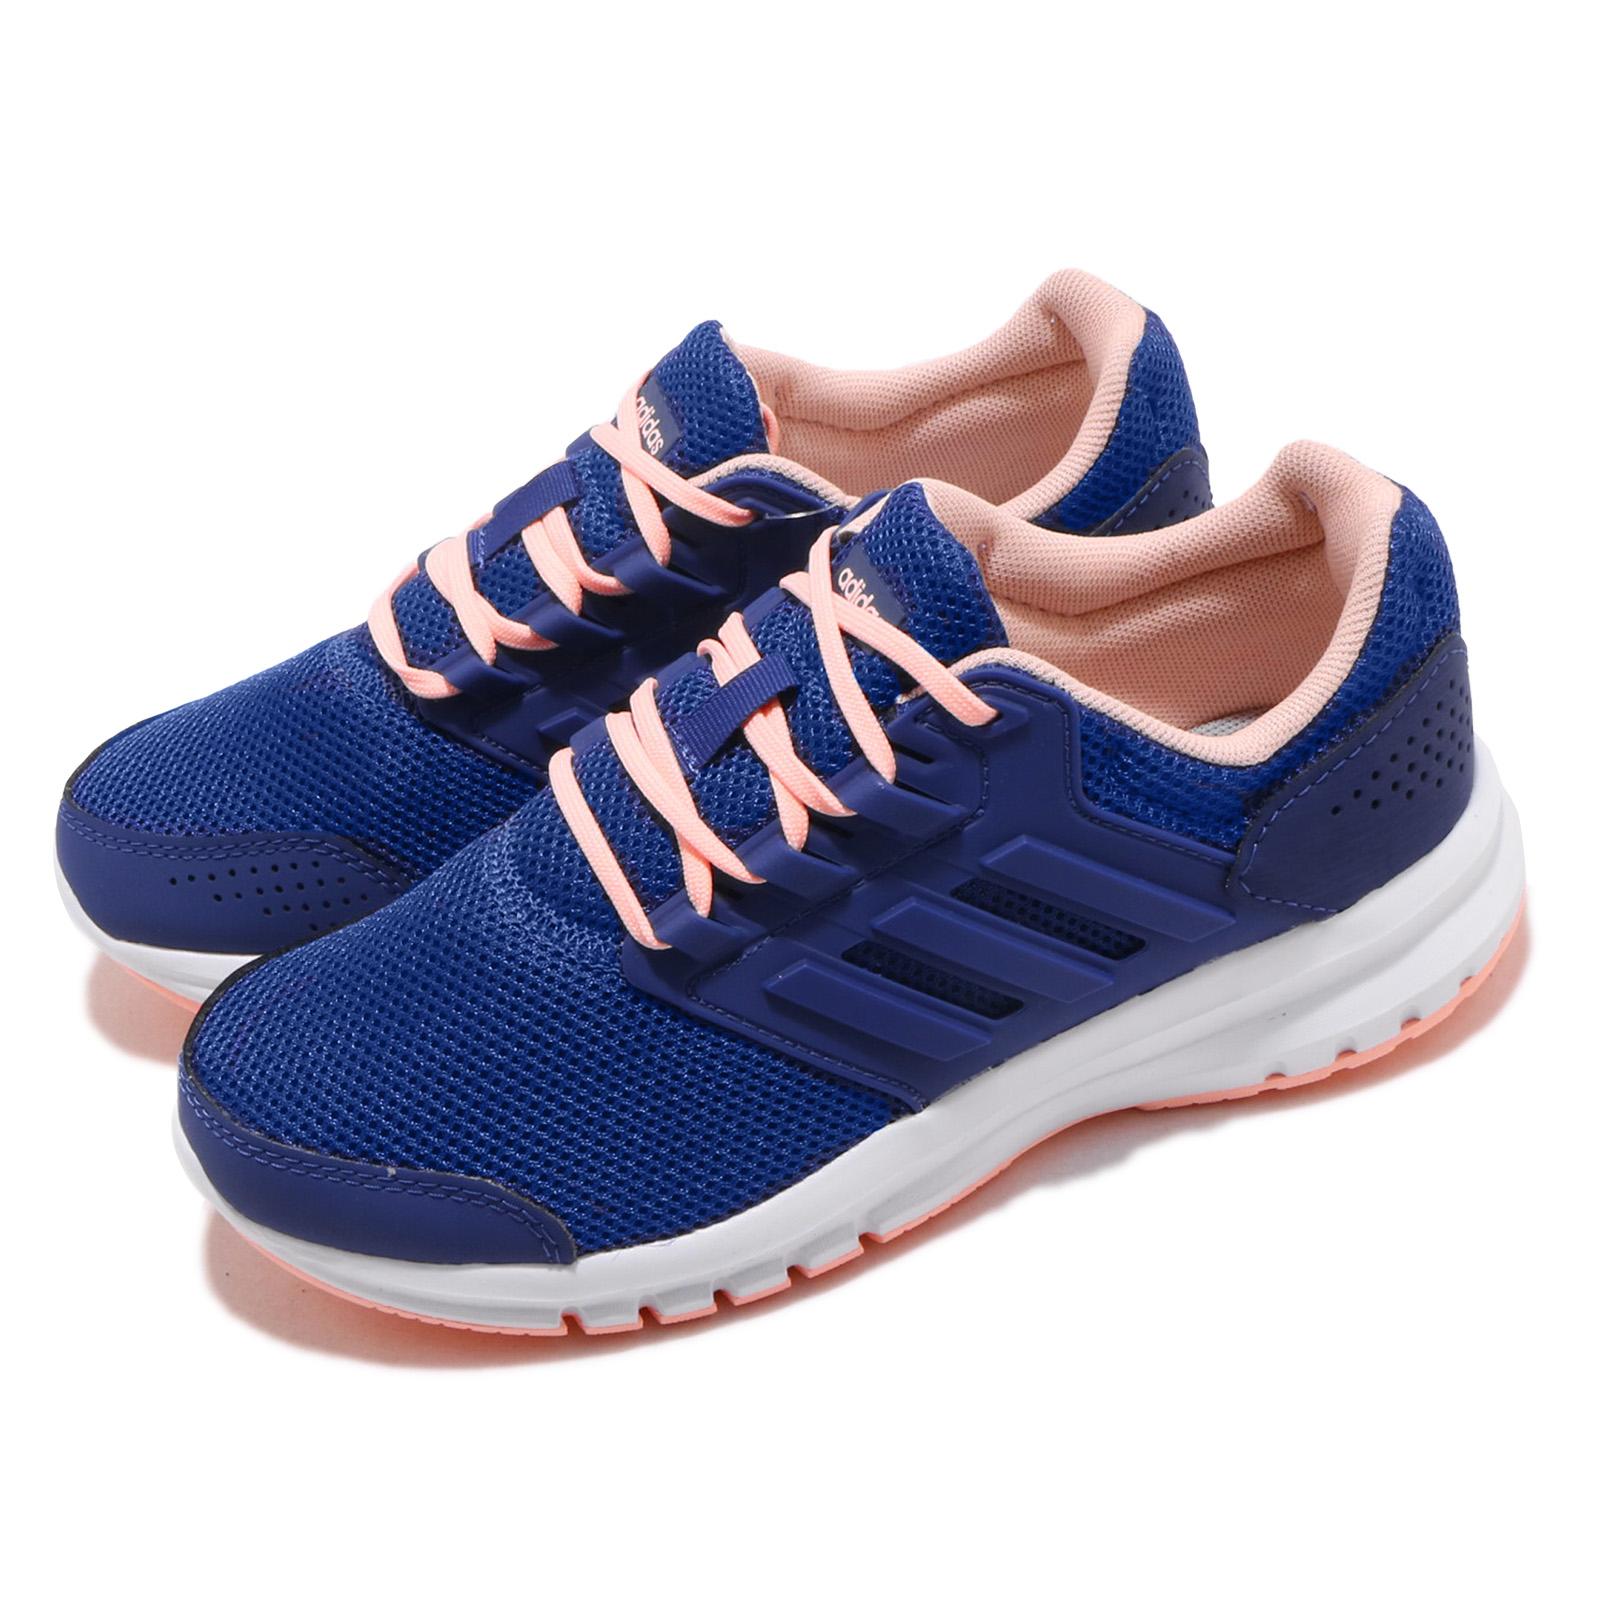 adidas 慢跑鞋 Galaxy 4 運動 童鞋 B75654